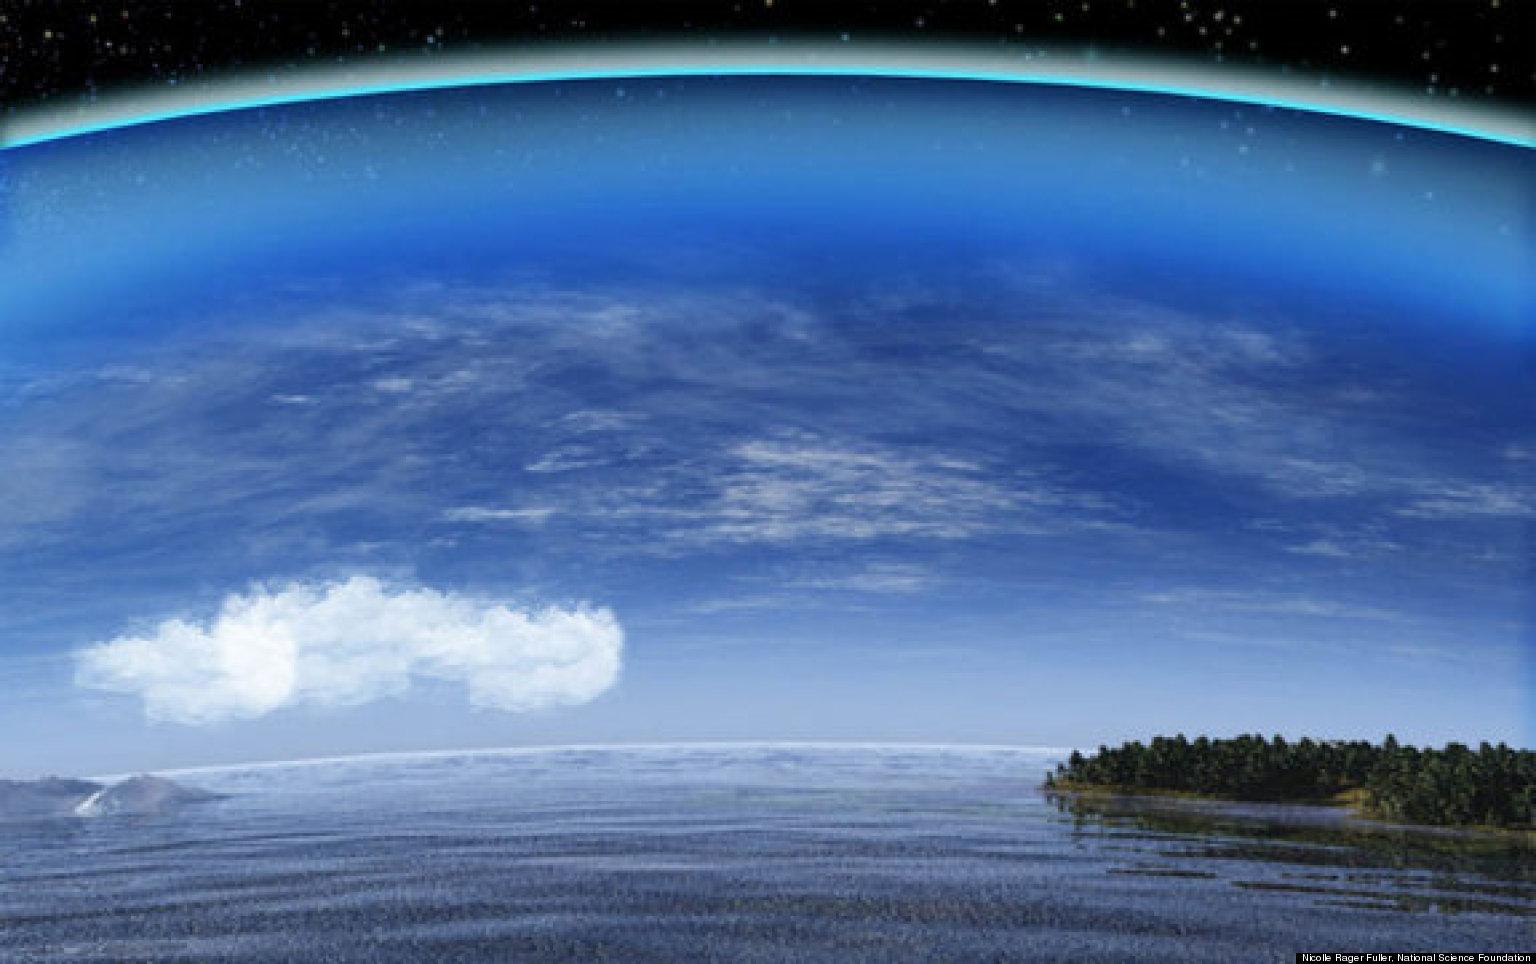 бумага облака вокруг земли картинки любителей острых